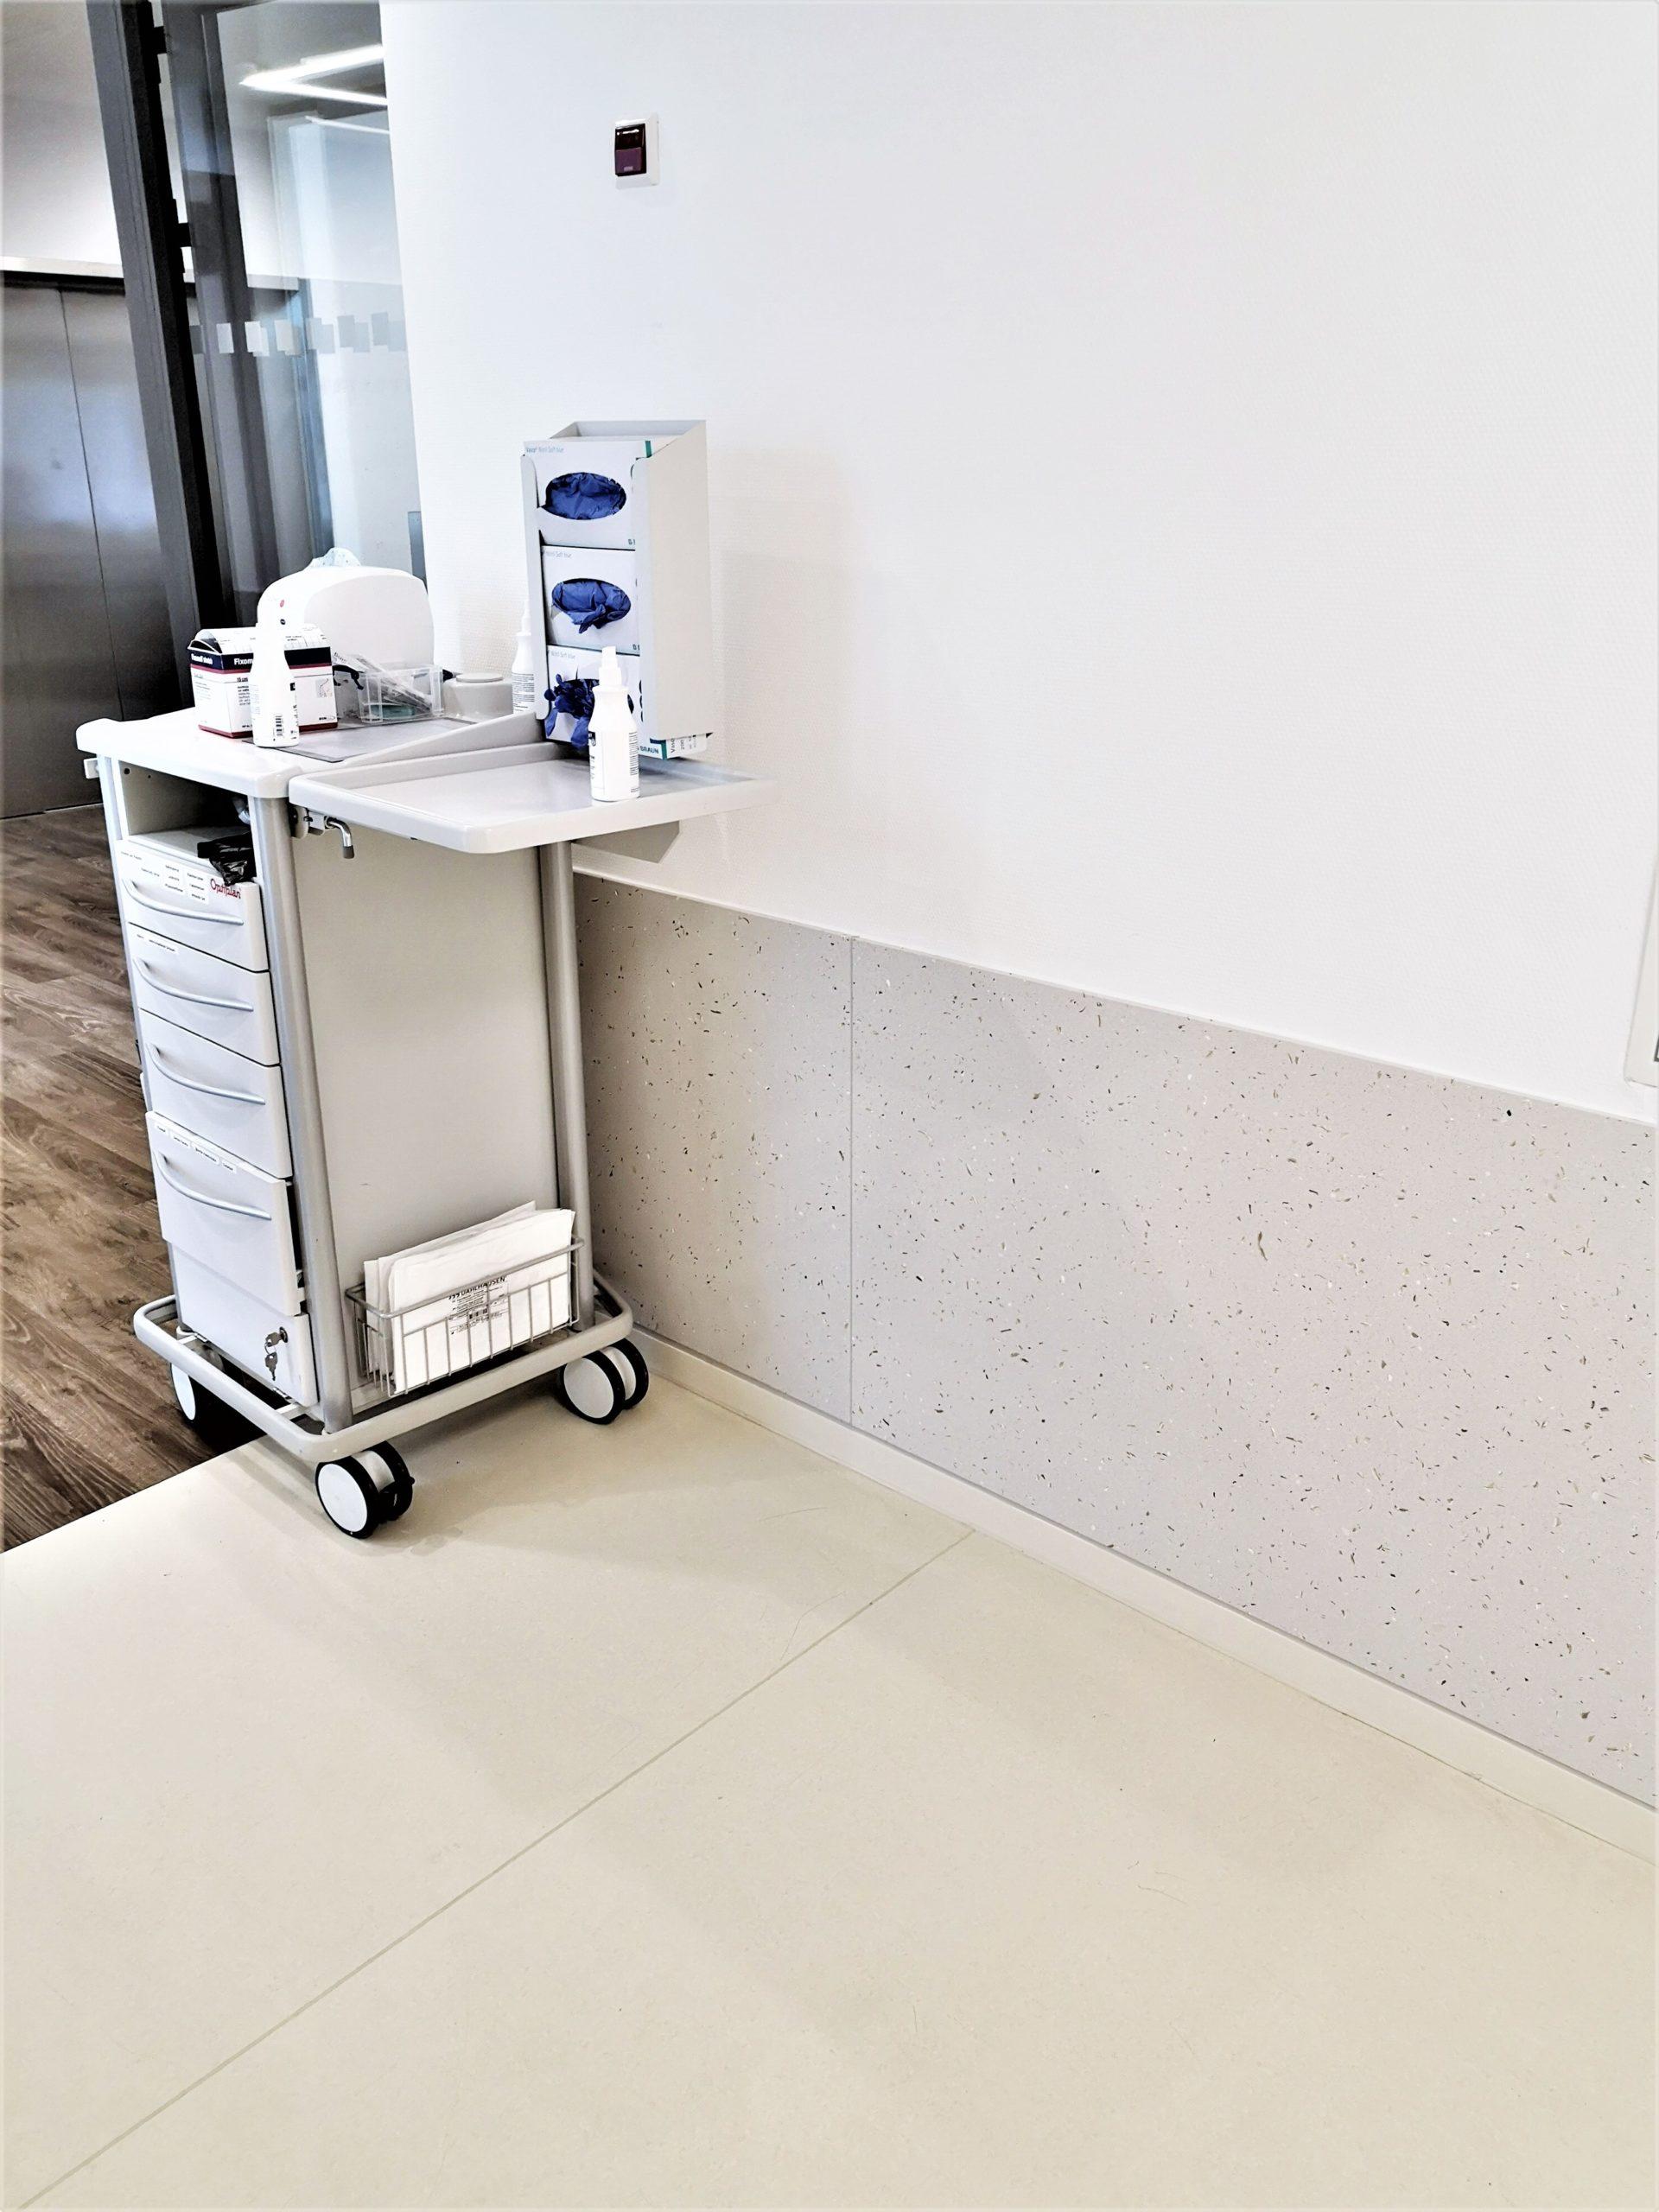 Extrem robust und perfekt hygienisch lassen sich unsere Wandverkleidungen und Rammschutz-Platten in einem besonderen Arbeitsumfeld einsetzen. Mit einer außergewöhnliche Optik überzeugen sie und machen Gänge, Flure und Korridore zu einem besonderen Ort.